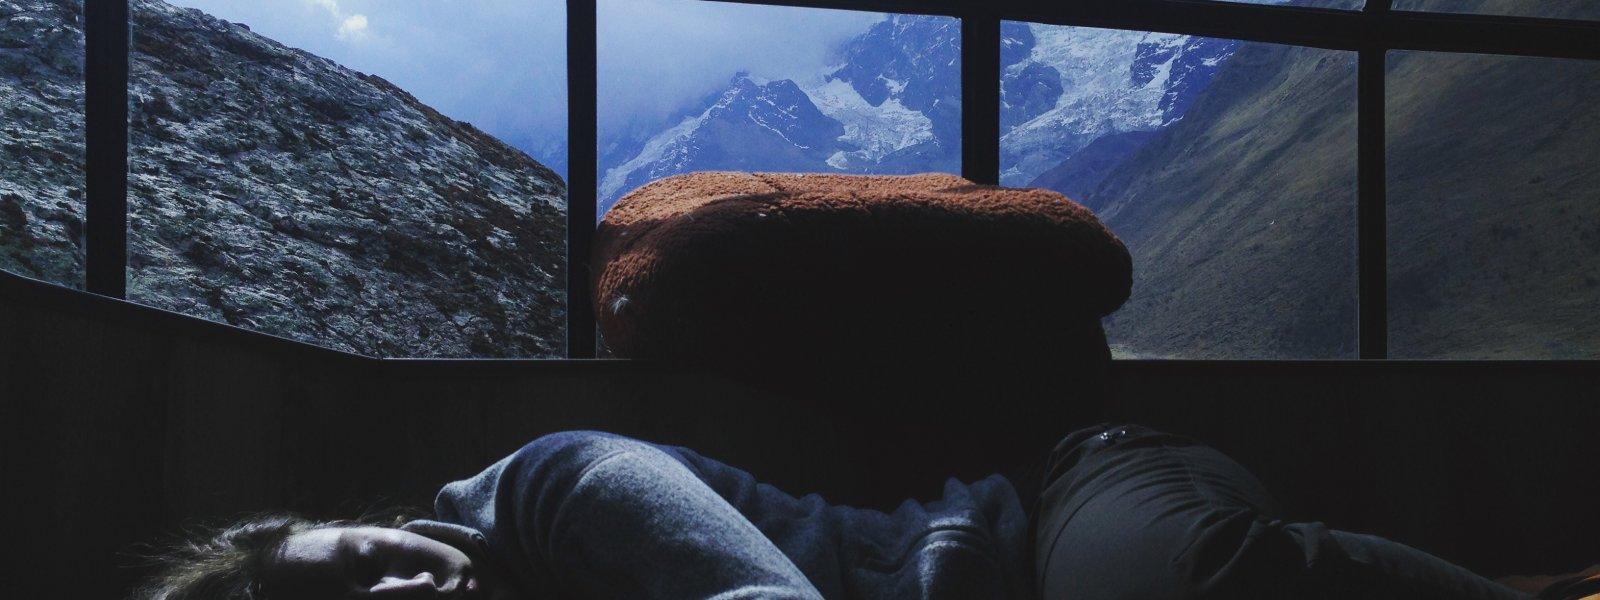 Quels sont les bienfaits du sommeil sur le corps et le cerveau ?